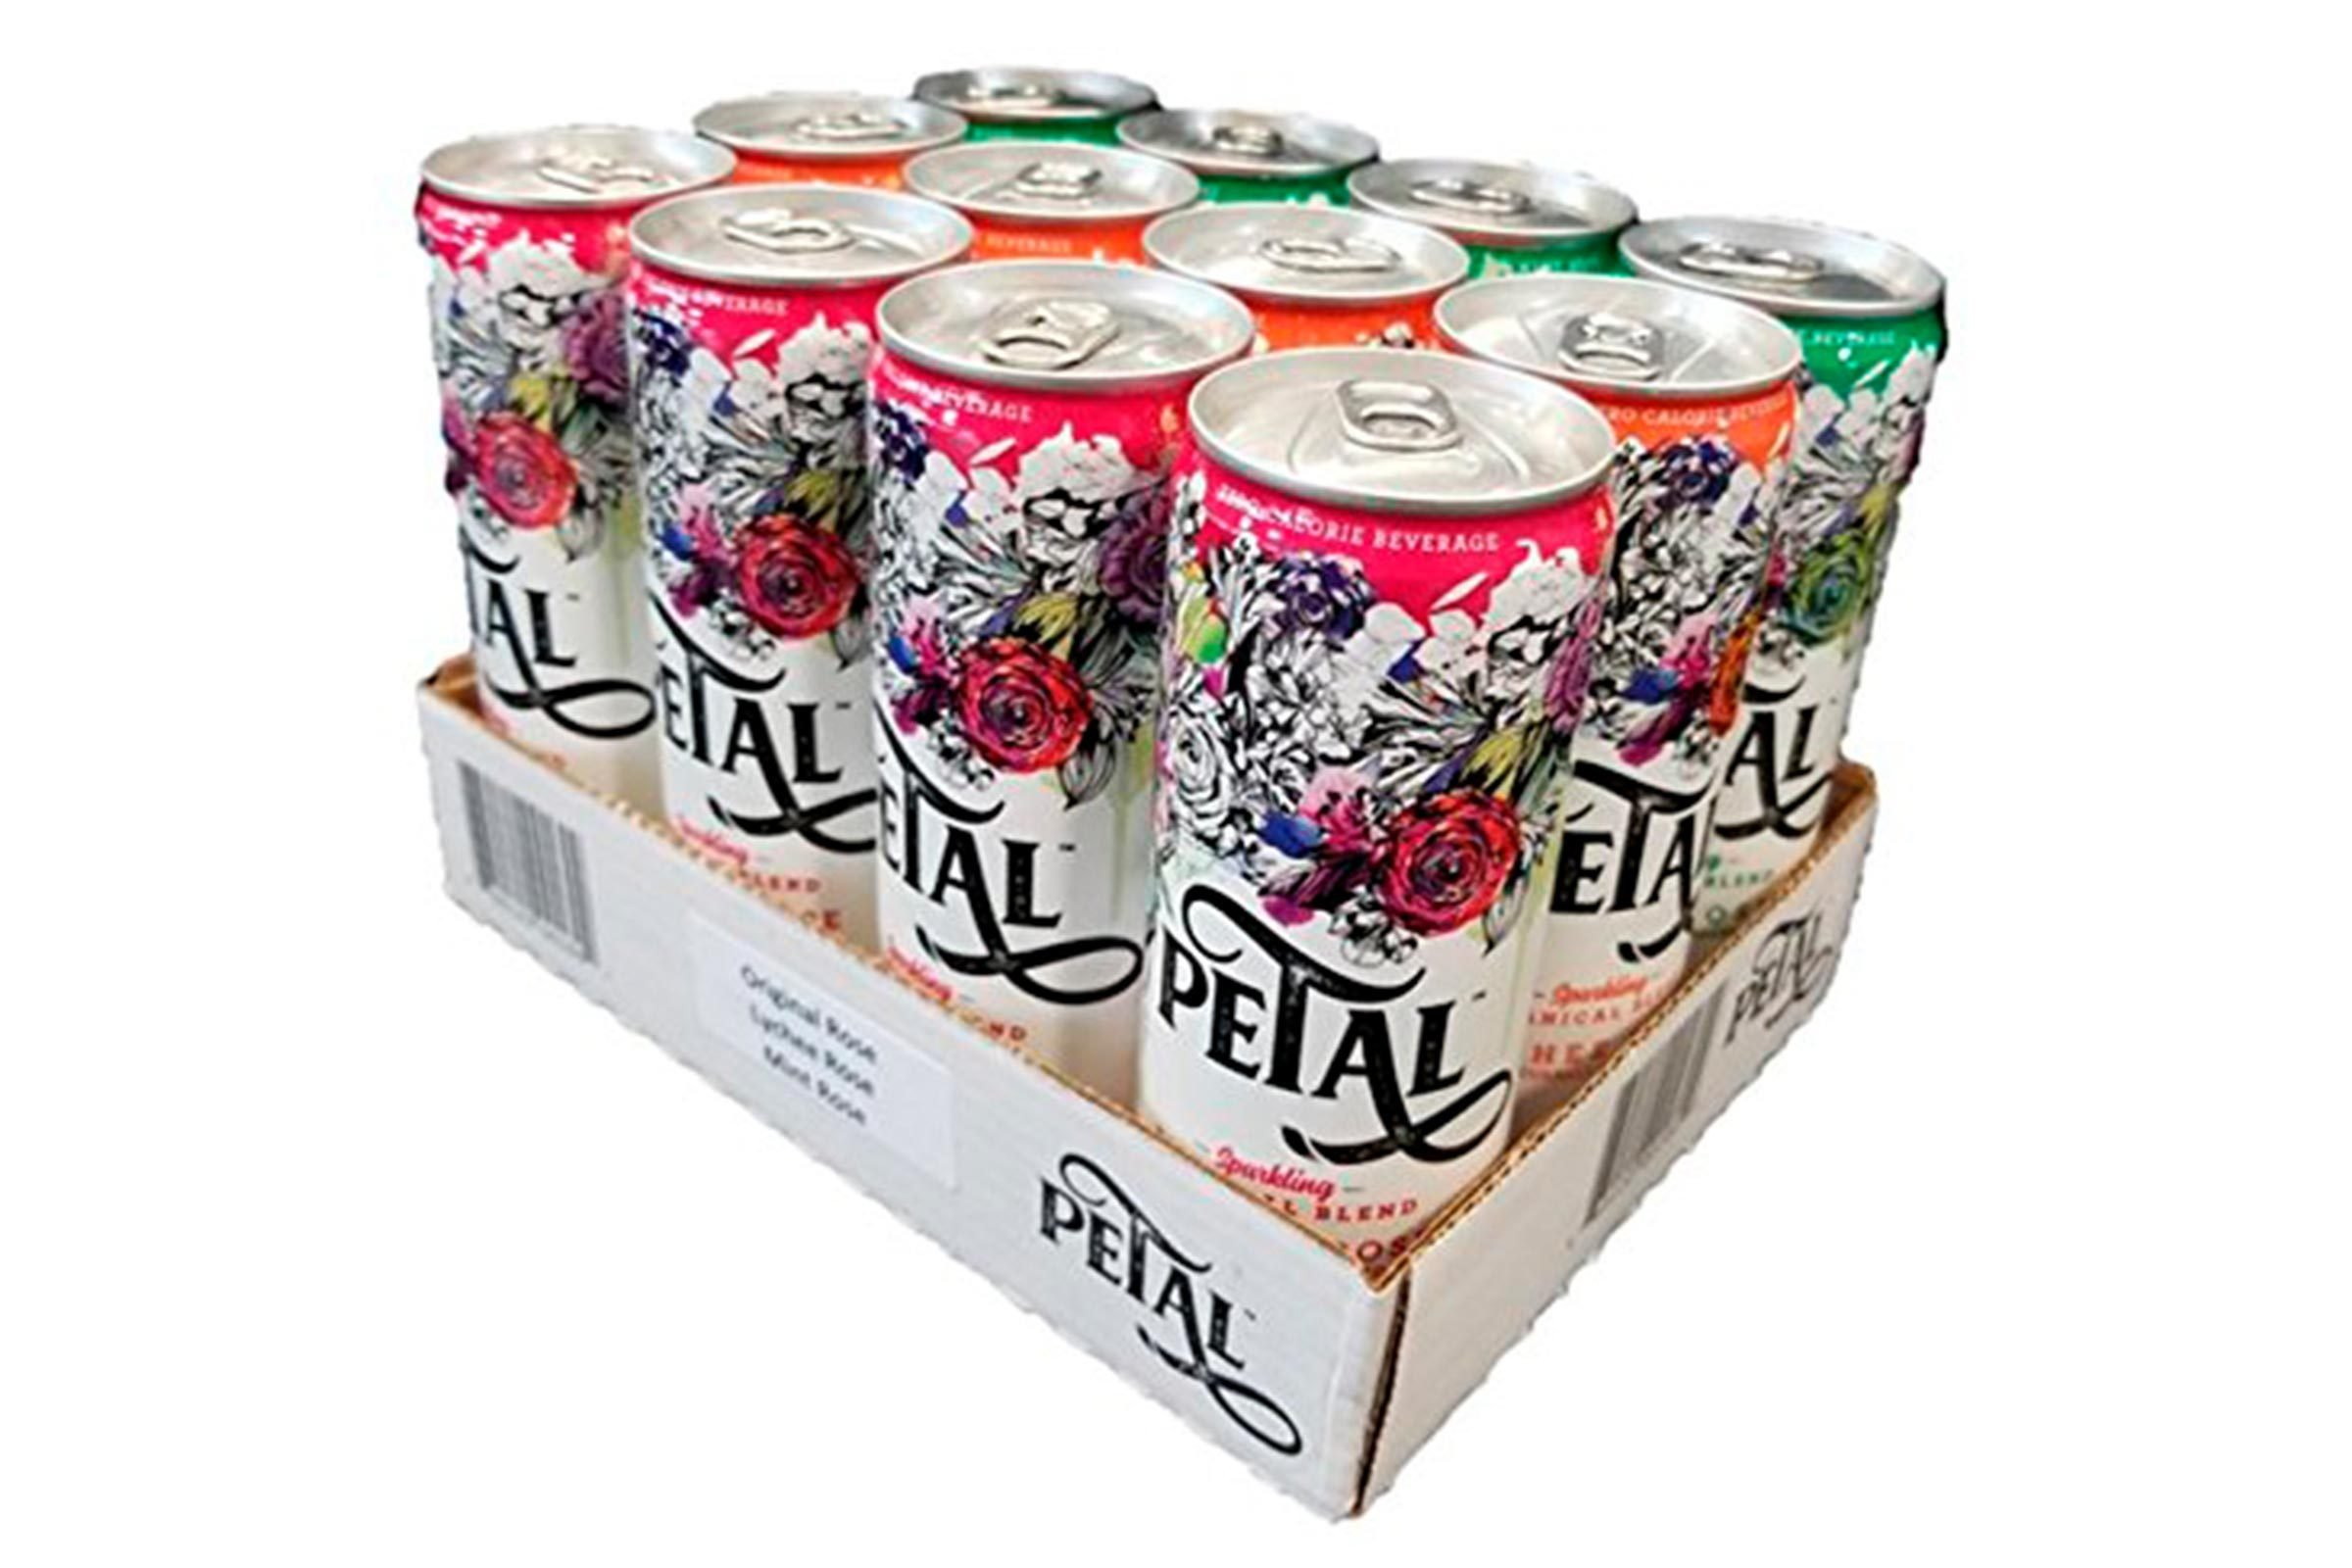 Petal sparkling beverages